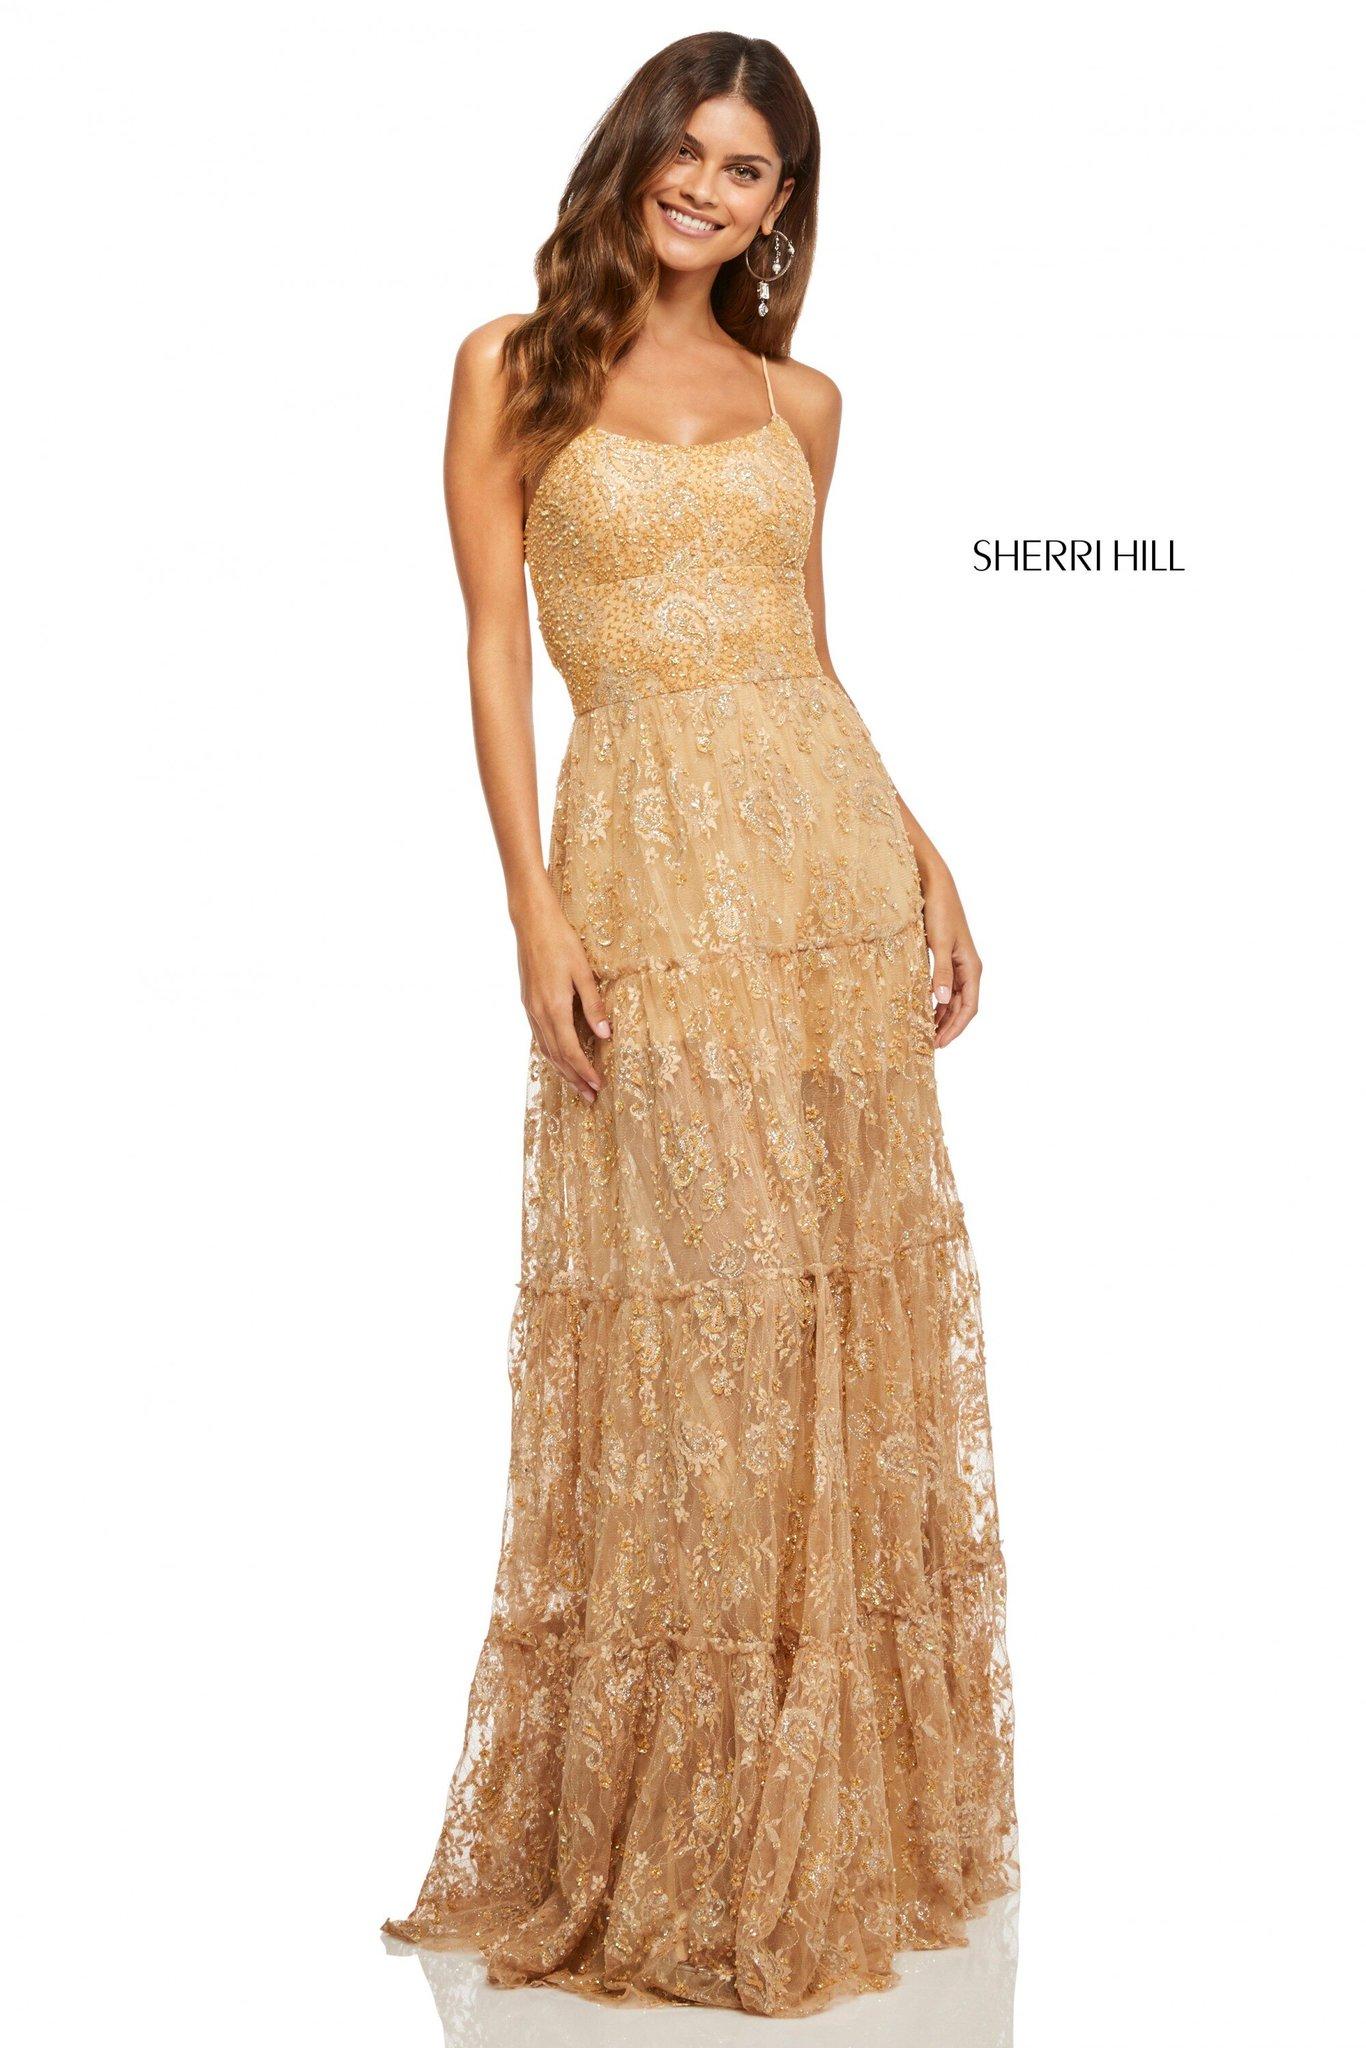 Sherri Hill 52675 Платье из струящейся ткани,длинное, кружевное